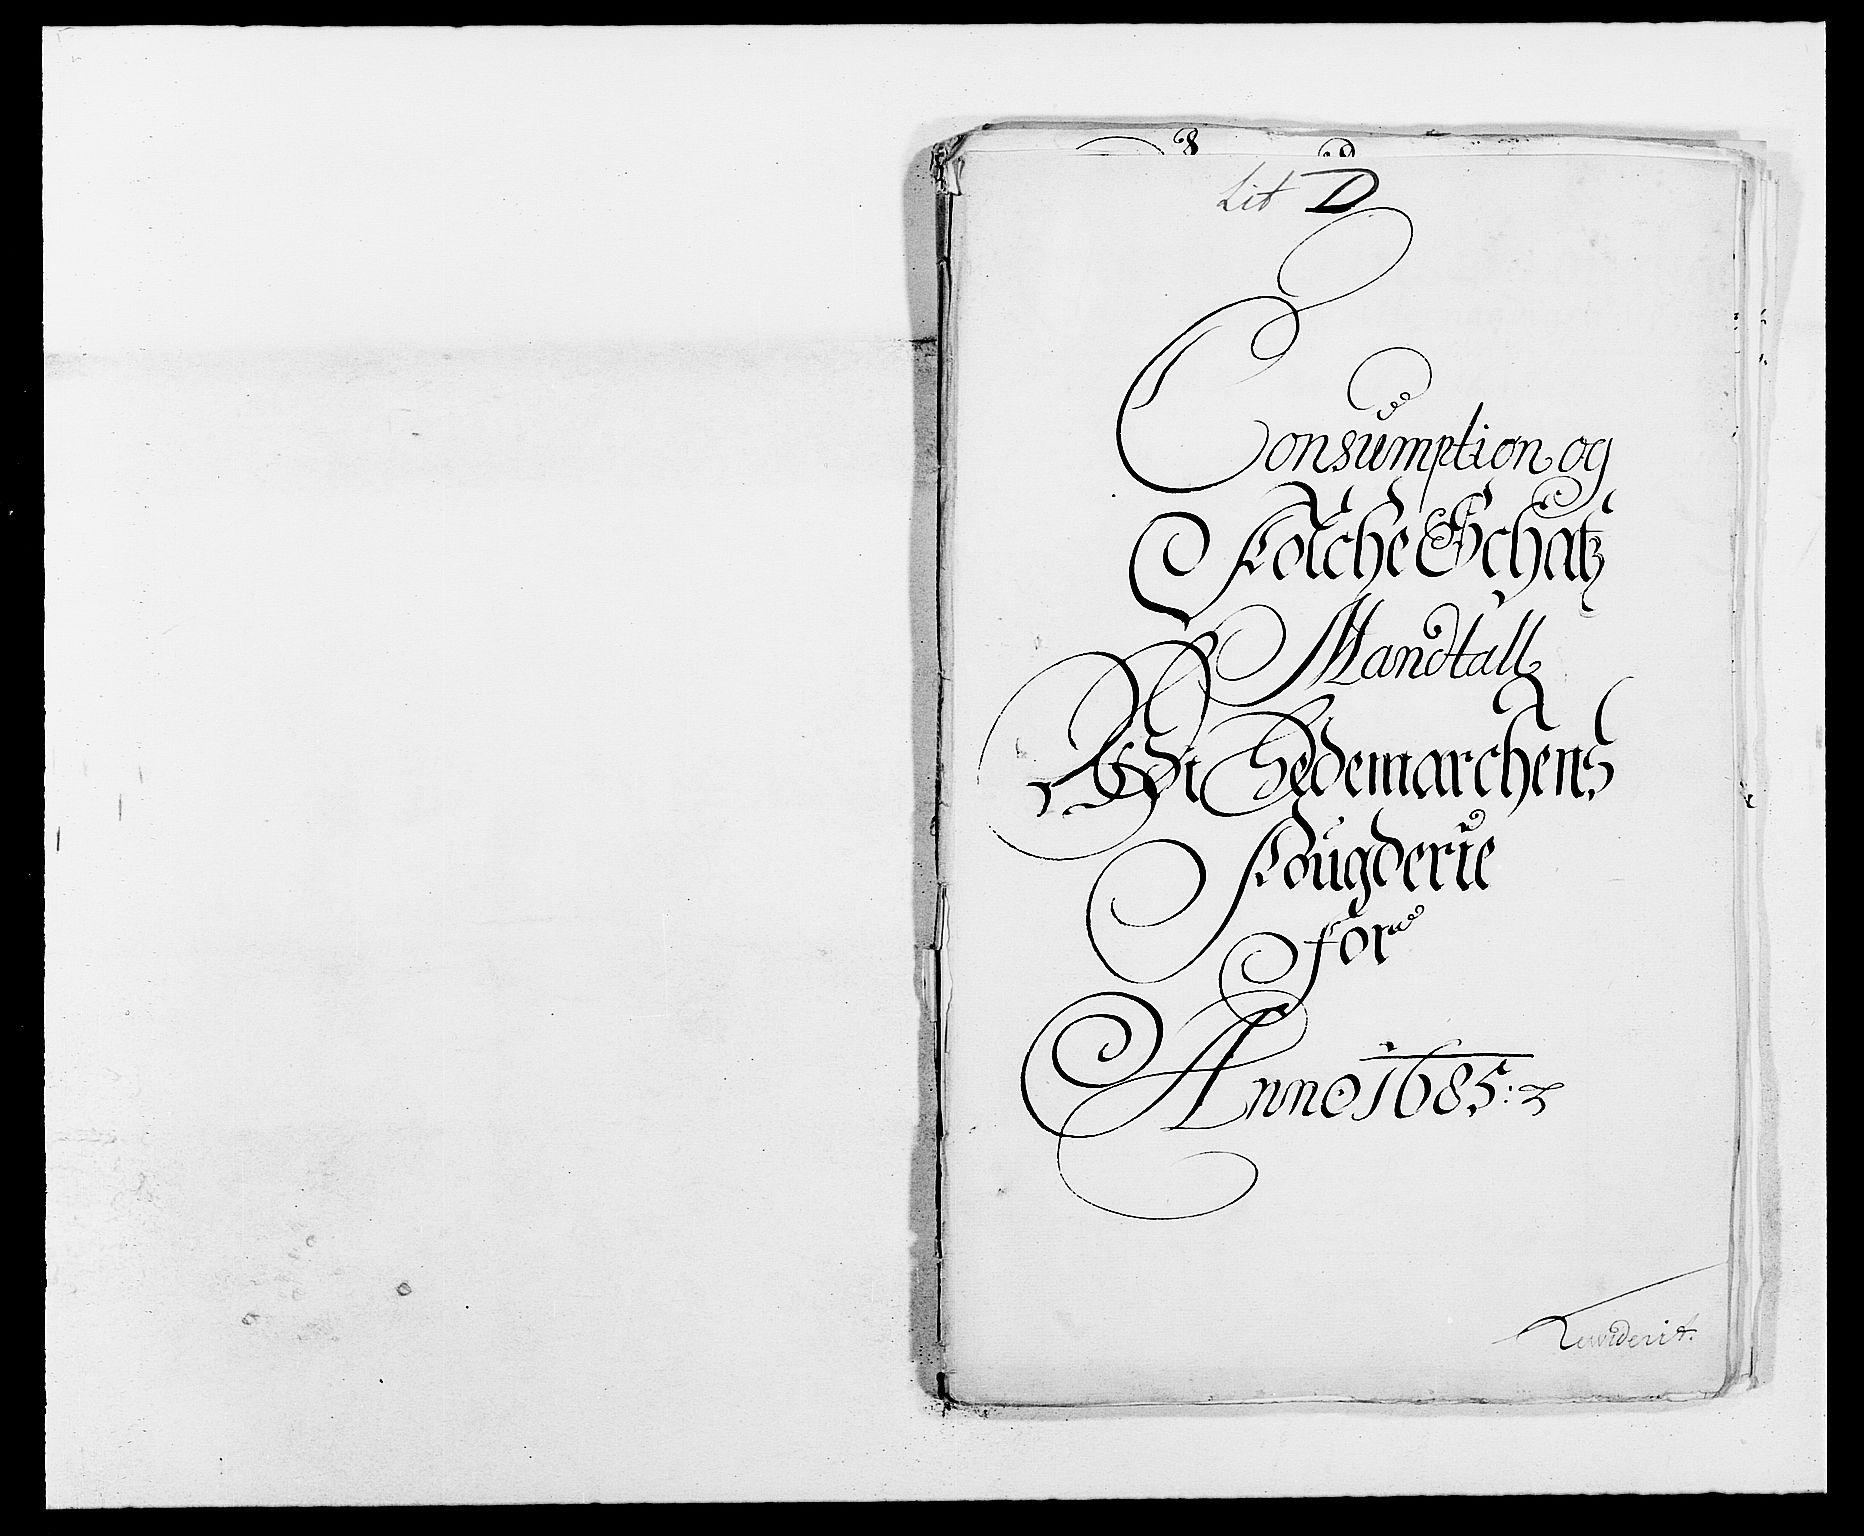 RA, Rentekammeret inntil 1814, Reviderte regnskaper, Fogderegnskap, R16/L1026: Fogderegnskap Hedmark, 1685, s. 103